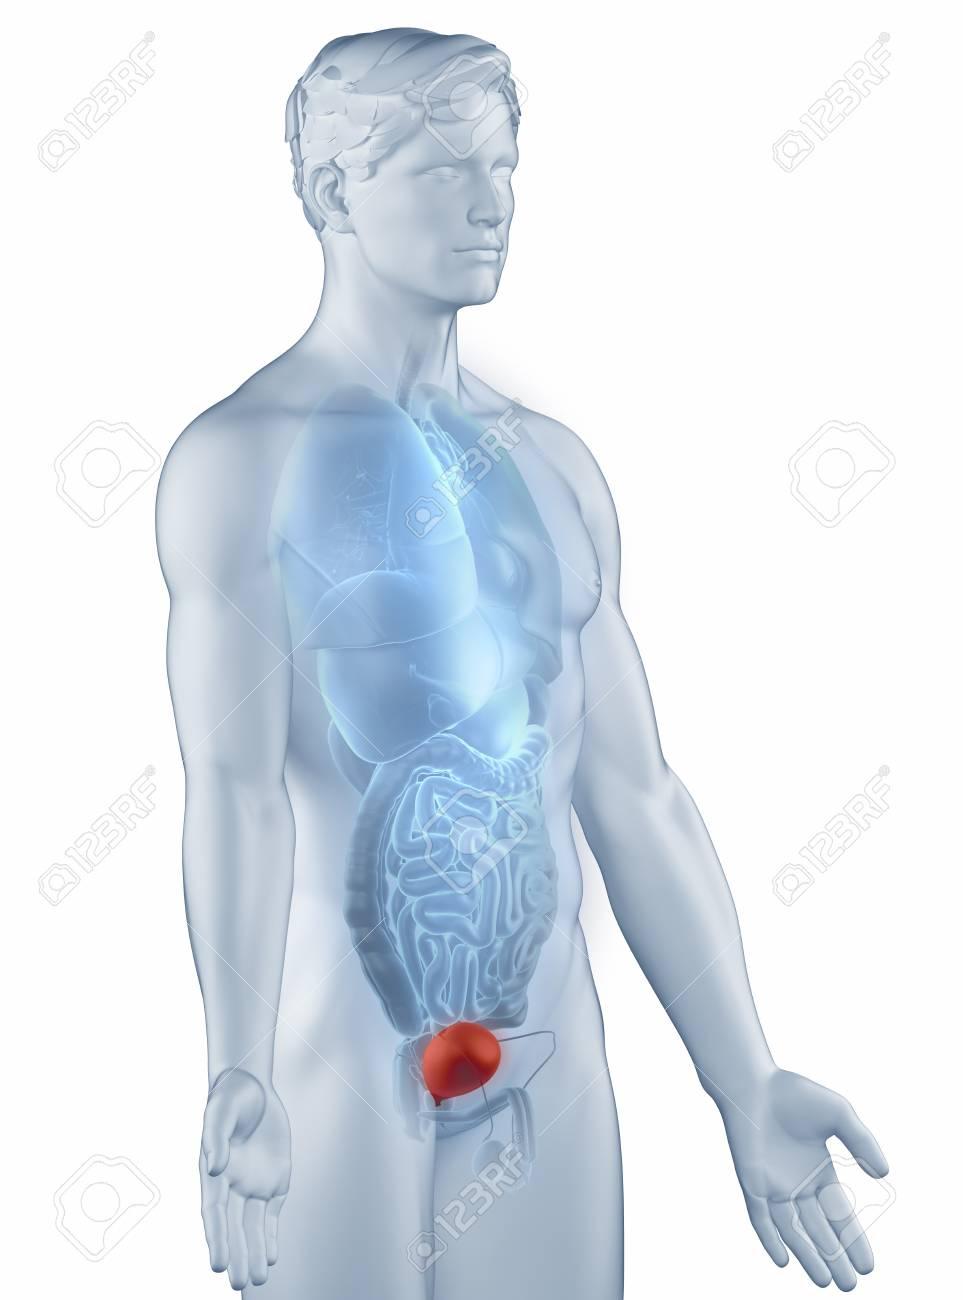 De ontsteking kan behalve in de blaas ook in de plasbuis of in de urineleiders zitten.